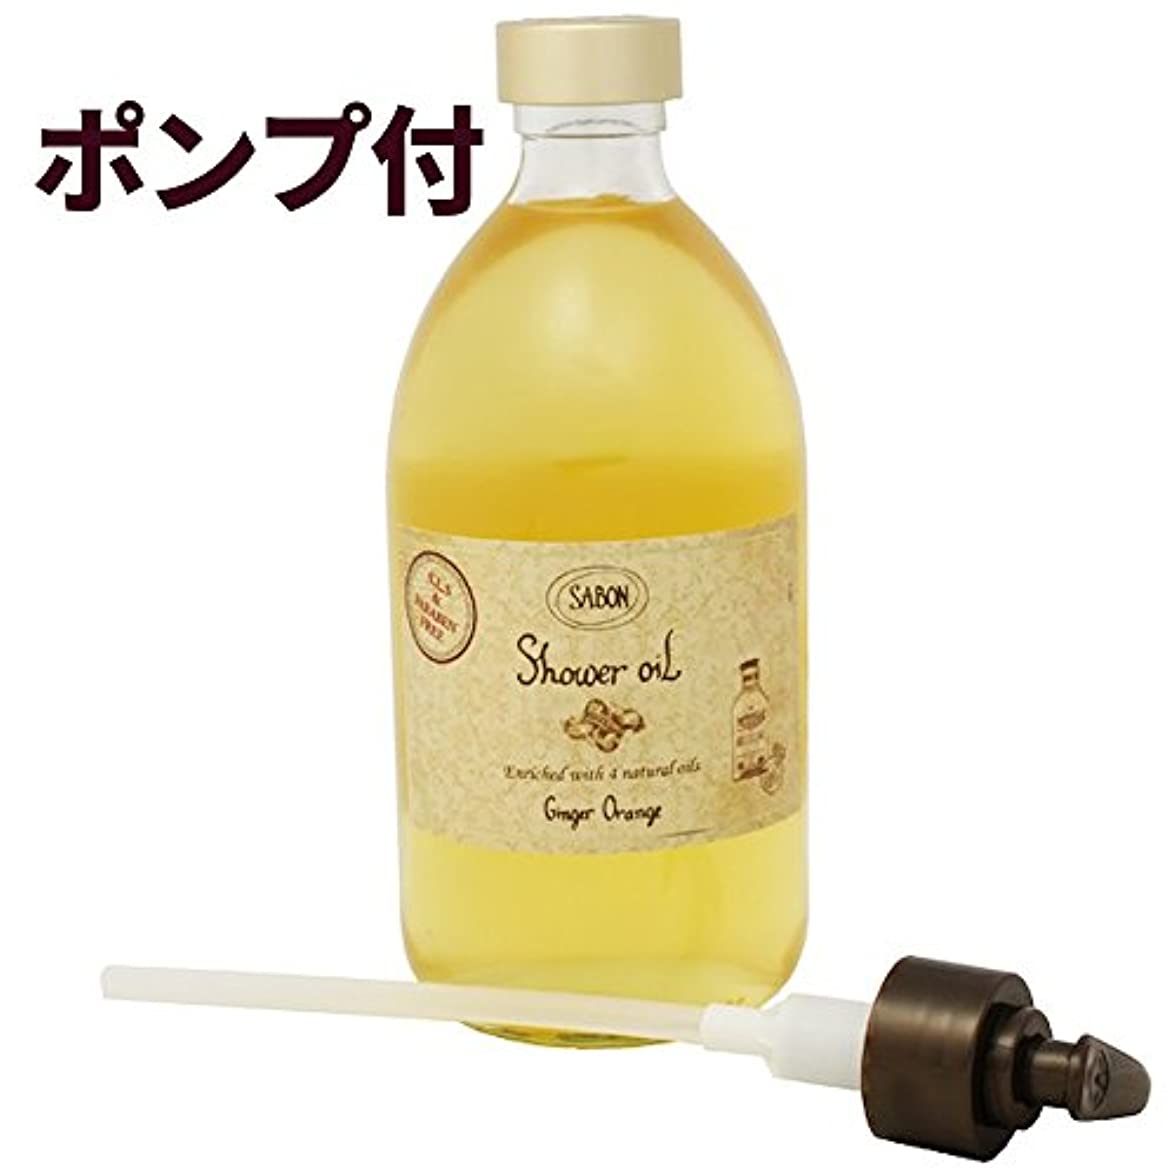 レガシークラス博覧会サボン シャワーオイル ジンジャーオレンジ 500ml(並行輸入品)